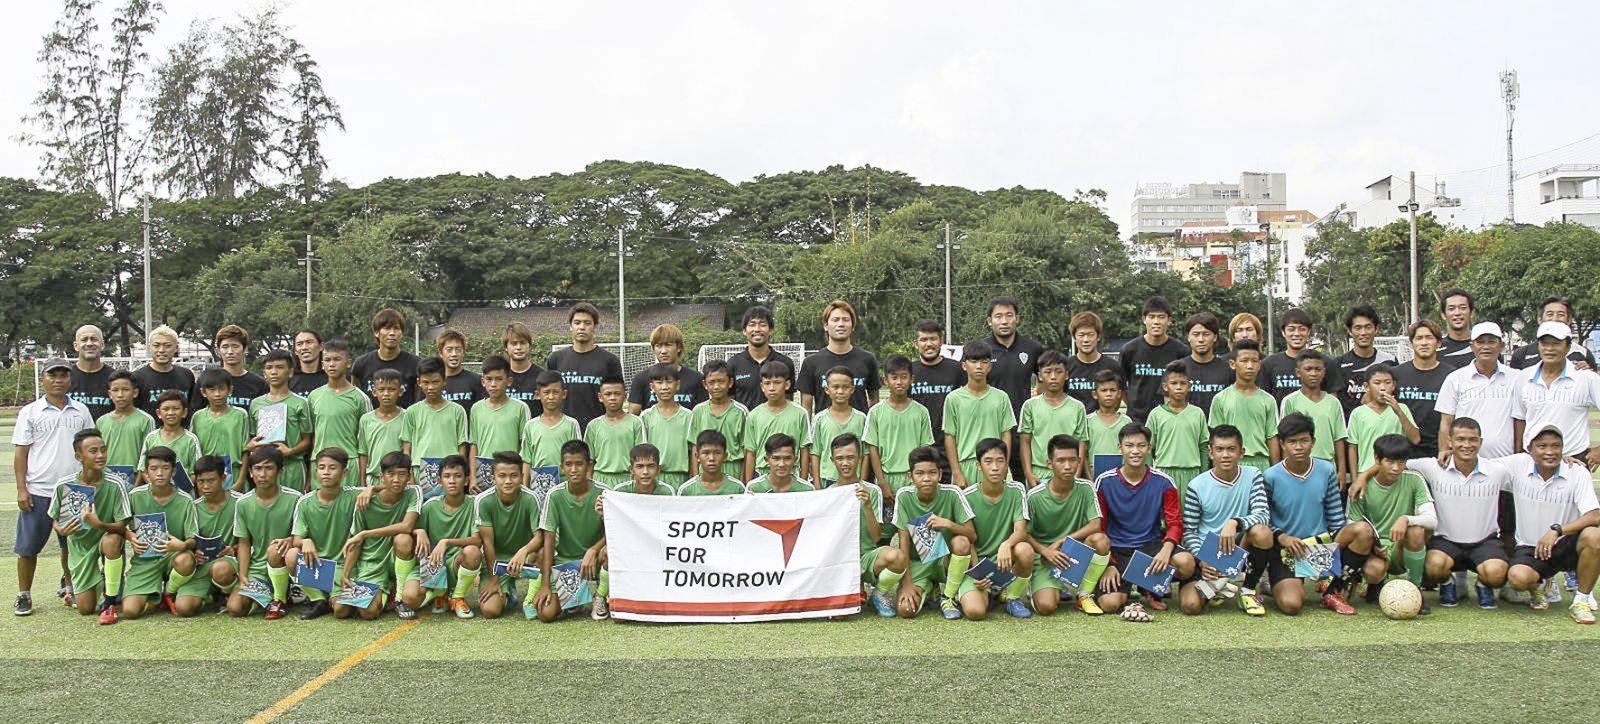 Các cầu thủ trẻ và năng khiếu Cần Thơ cùng các HLV Phòng Đào tạo bóng đá trong buổi giao lưu với cầu thủ CLB Avispa Fukuoka (Nhật Bản) năm 2016. Ảnh: NGUYỄN MINH